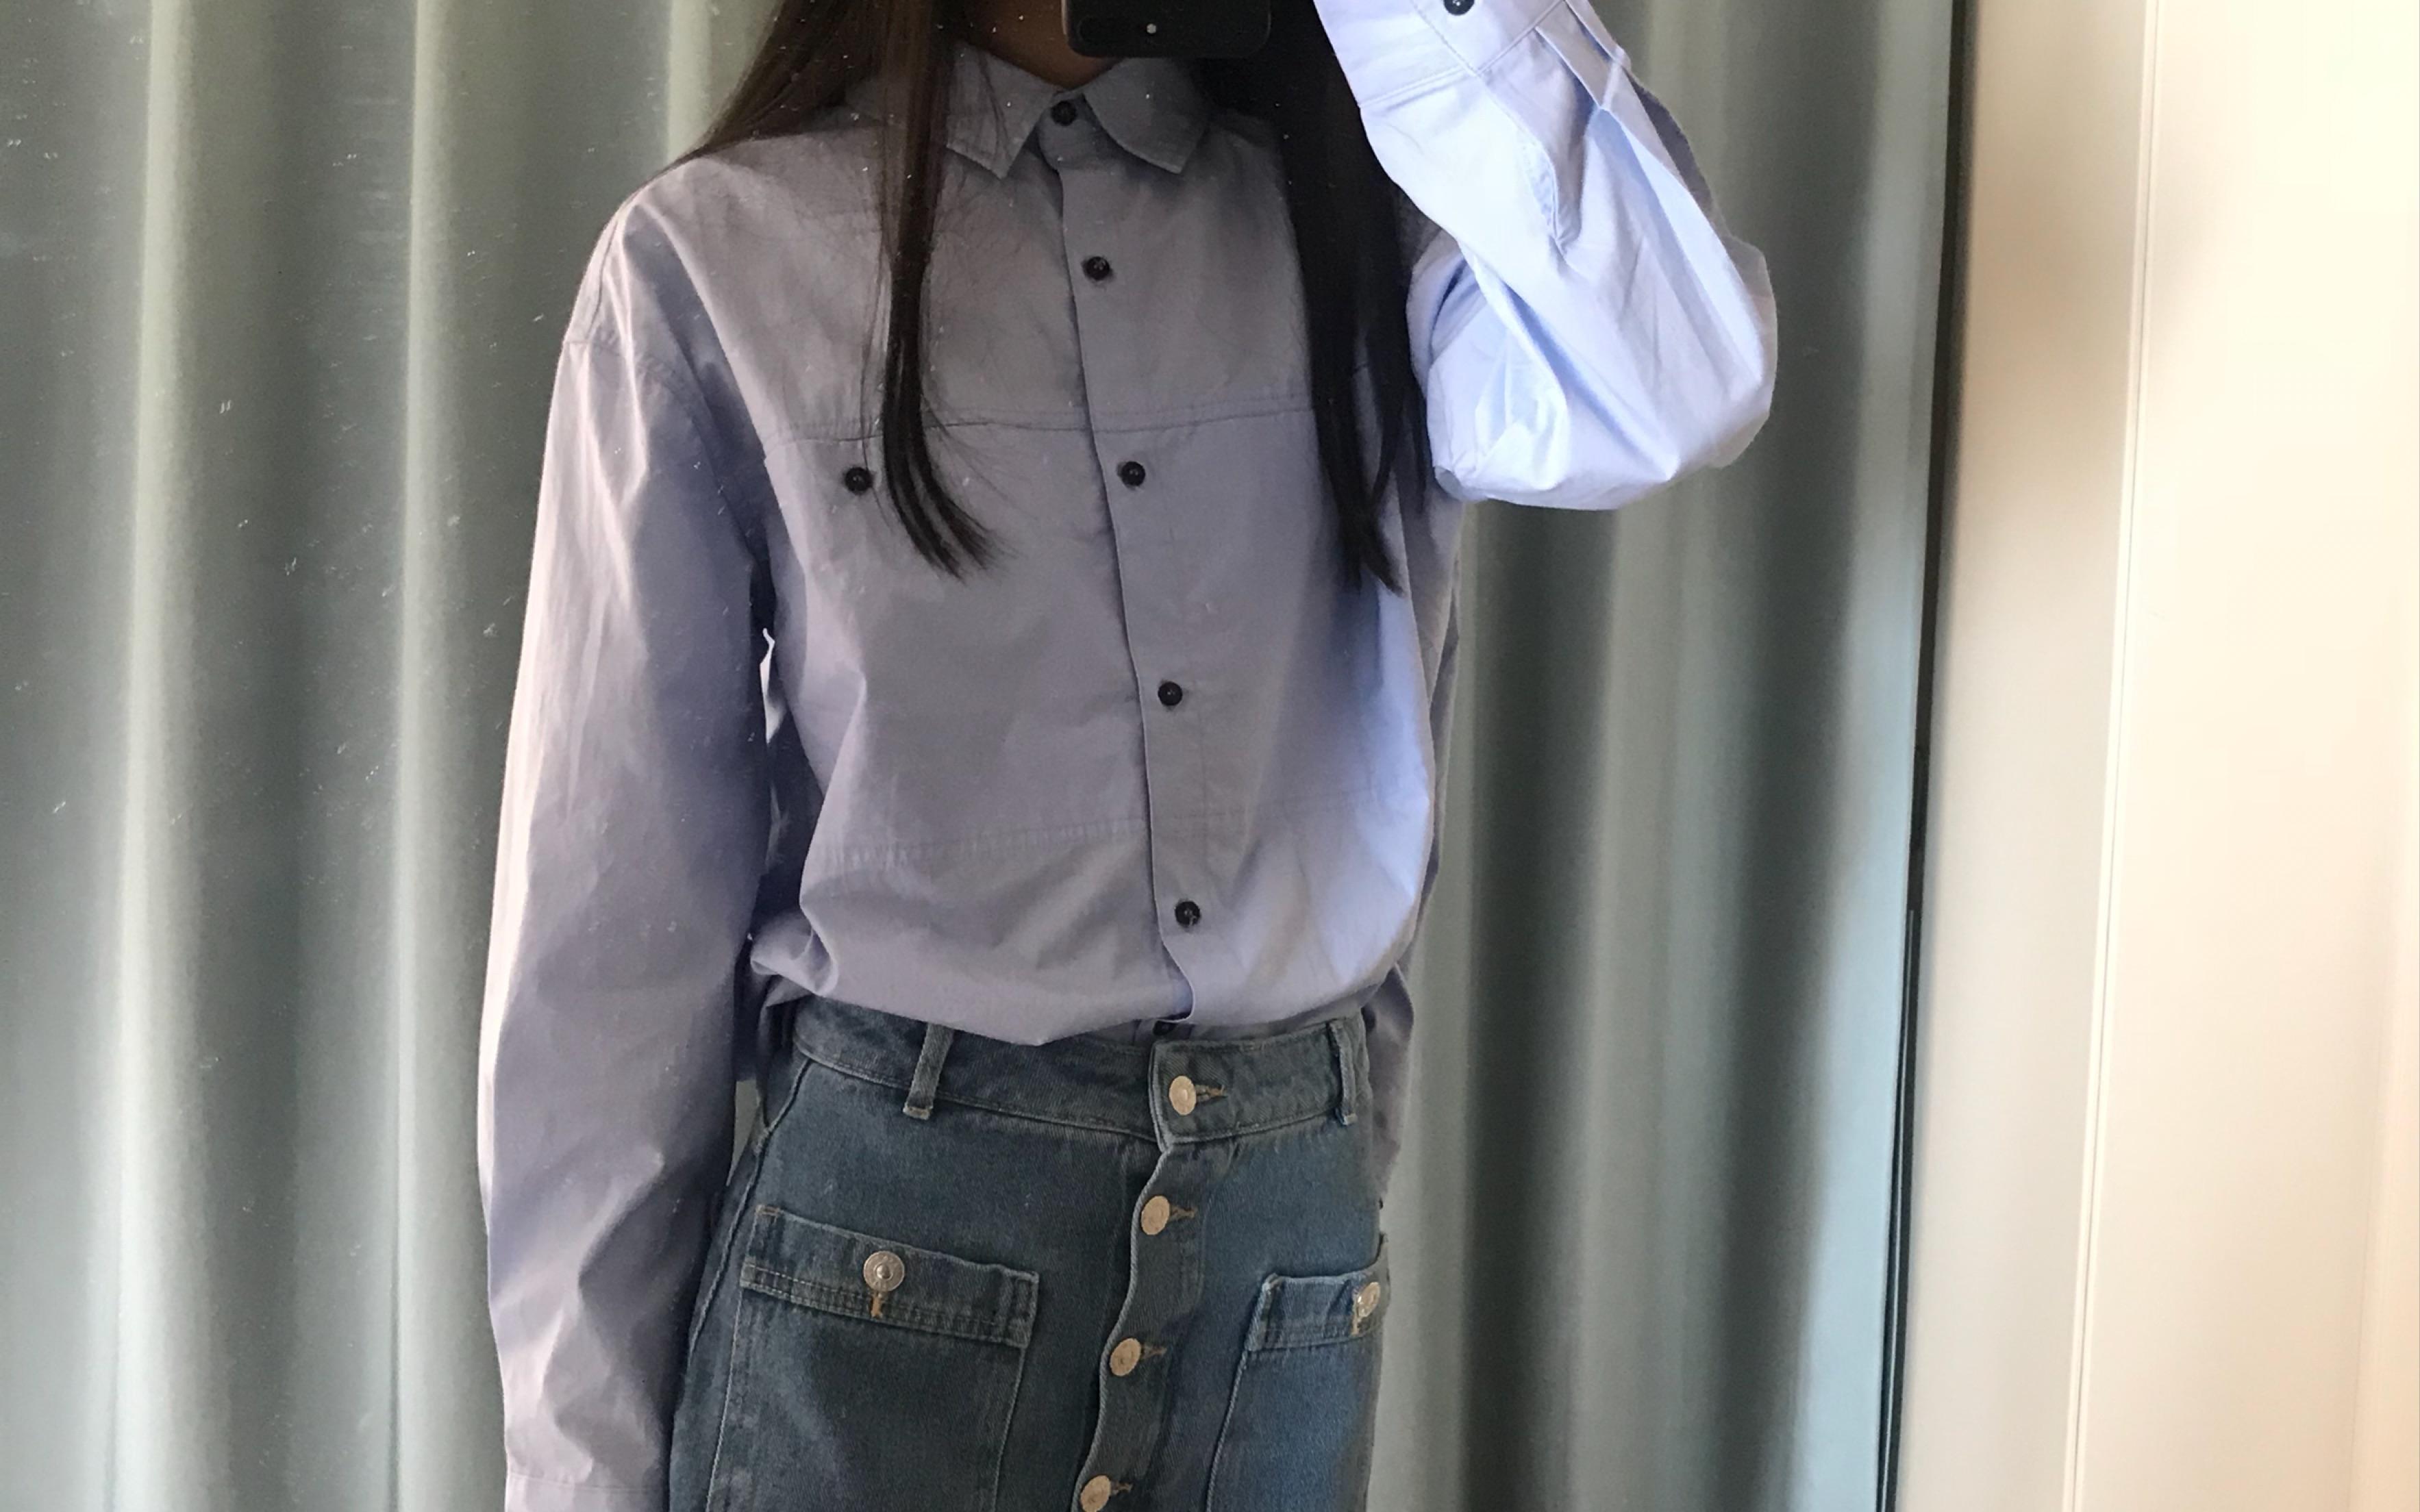 【秋天日常穿搭】我爱吃大鸡腿—鸡腿吐血推荐的百搭纯色黑纽扣衬衫1号! 第四期